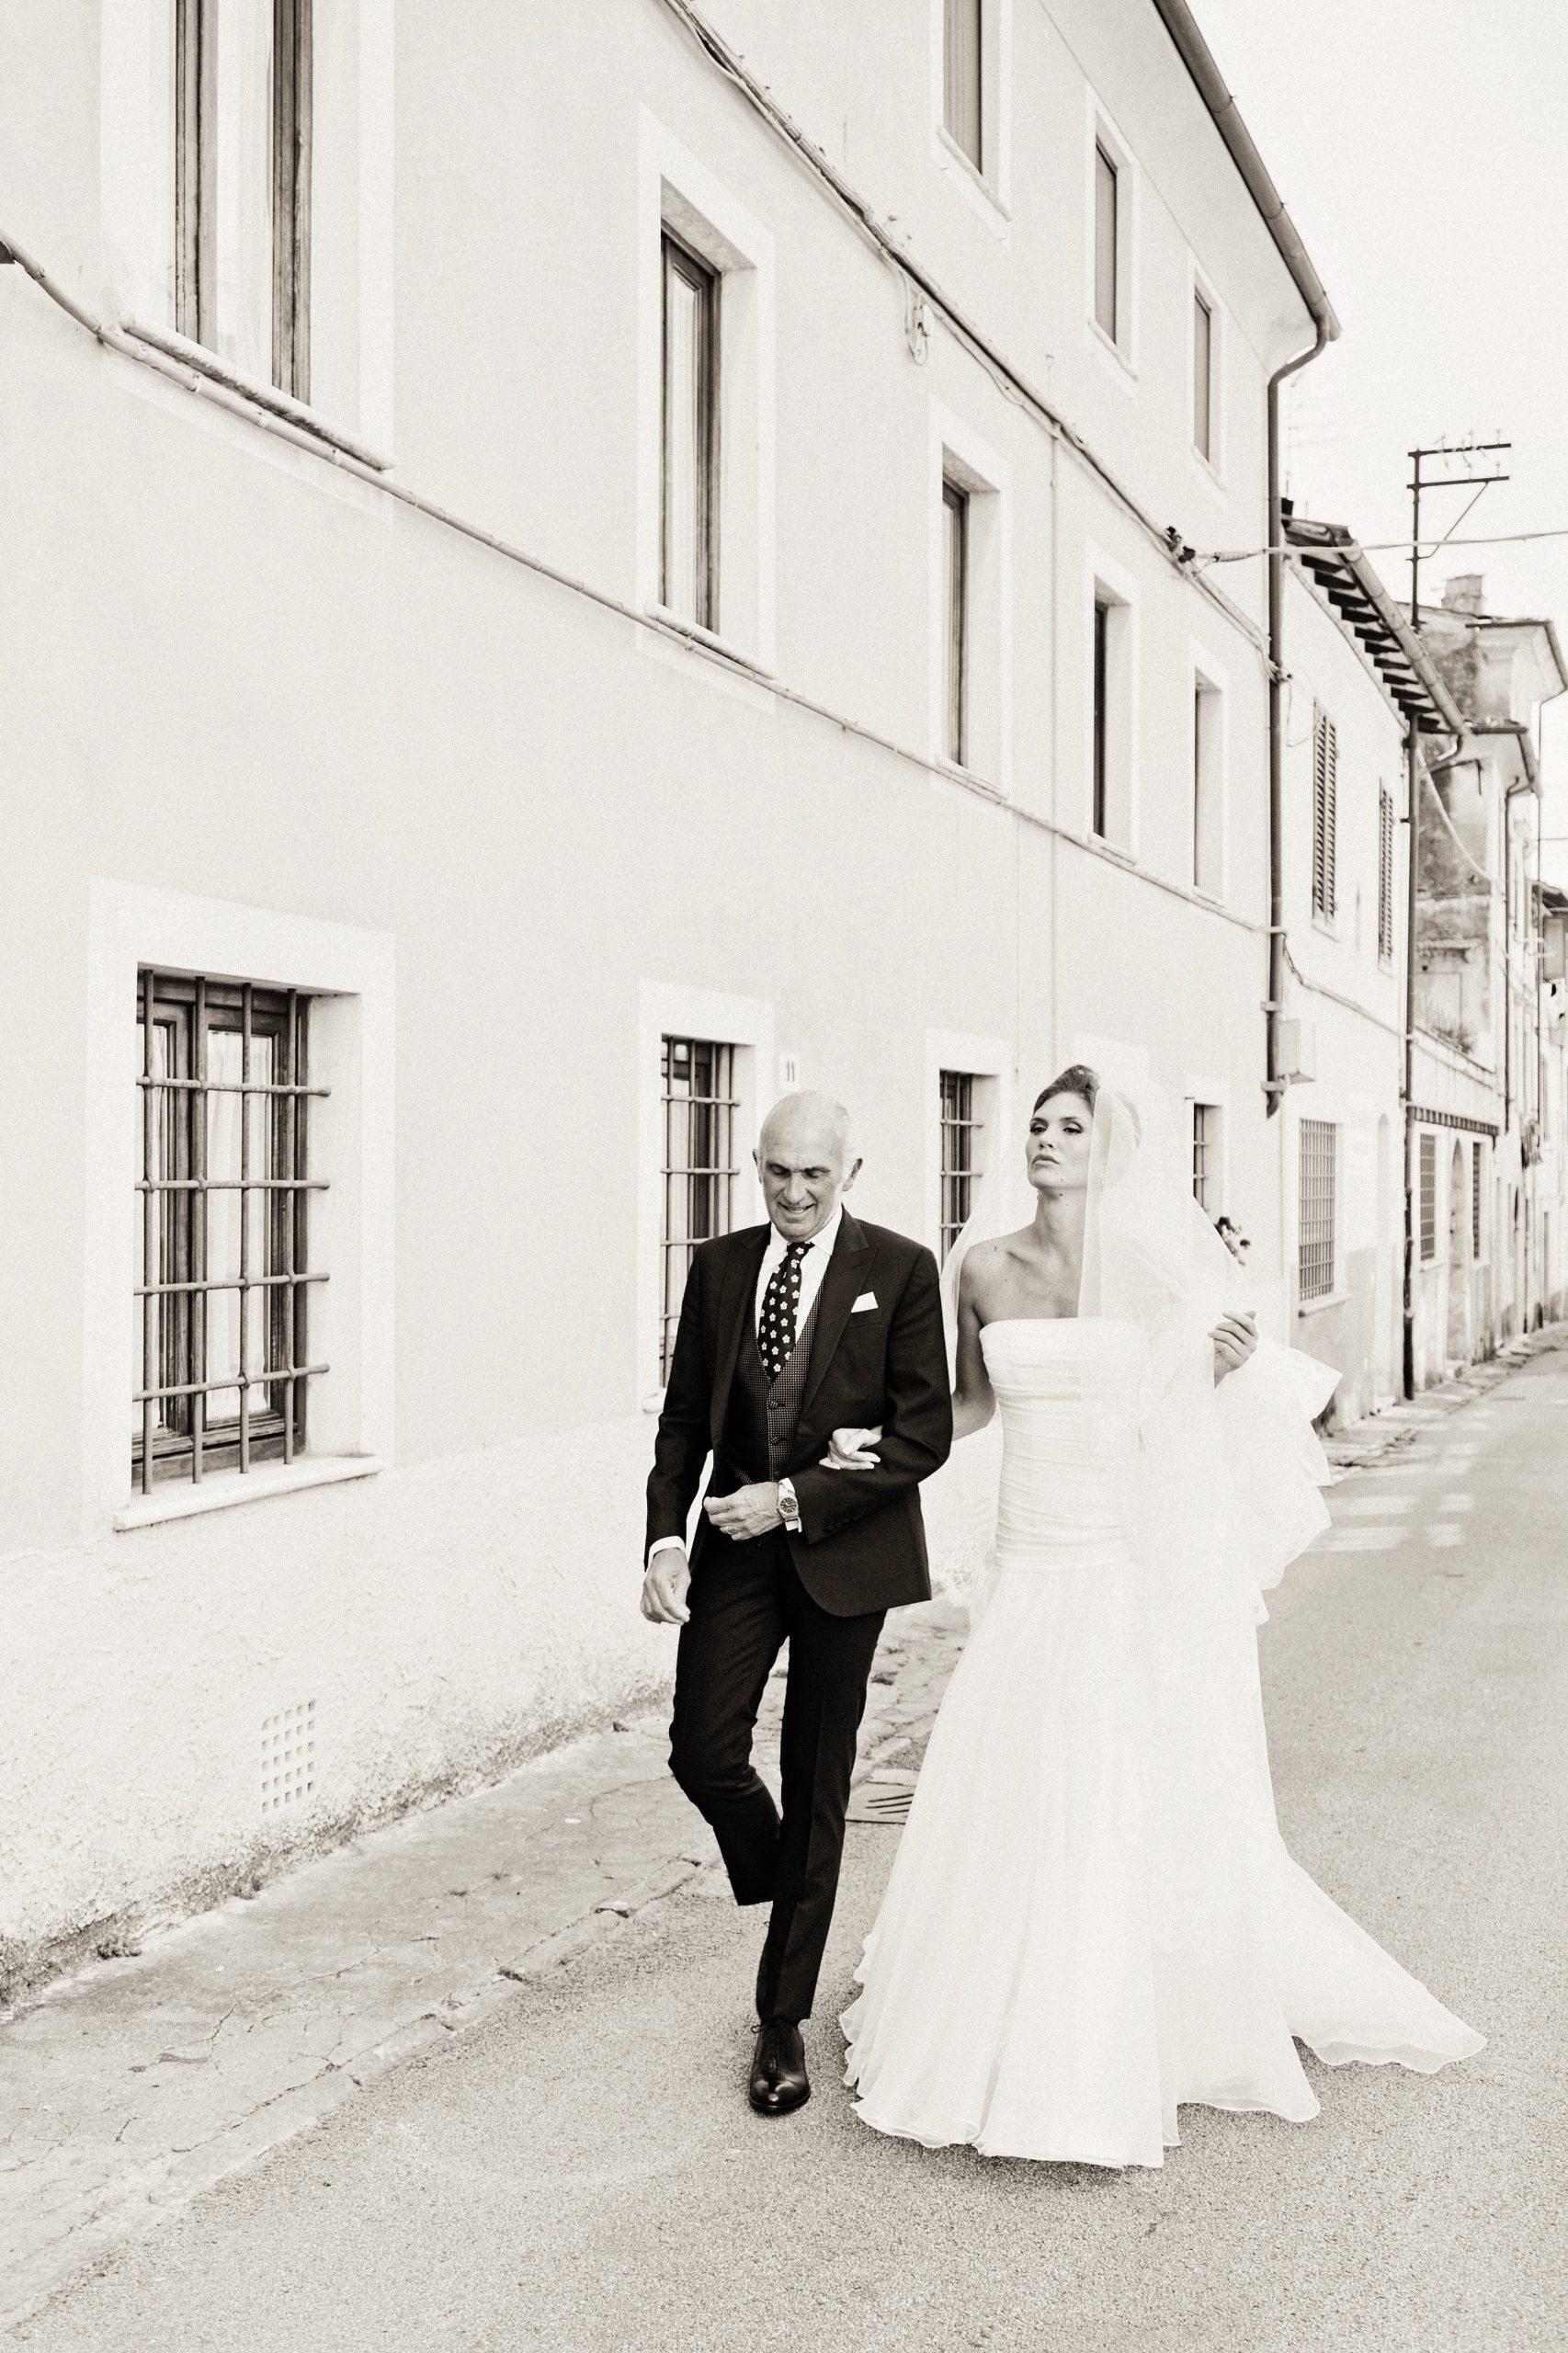 la bellissima sposa arriva al Duomo di Pietrasanta accompagnata da suo padre. Tra poco la cerimonia religiosa nel cuore della città.